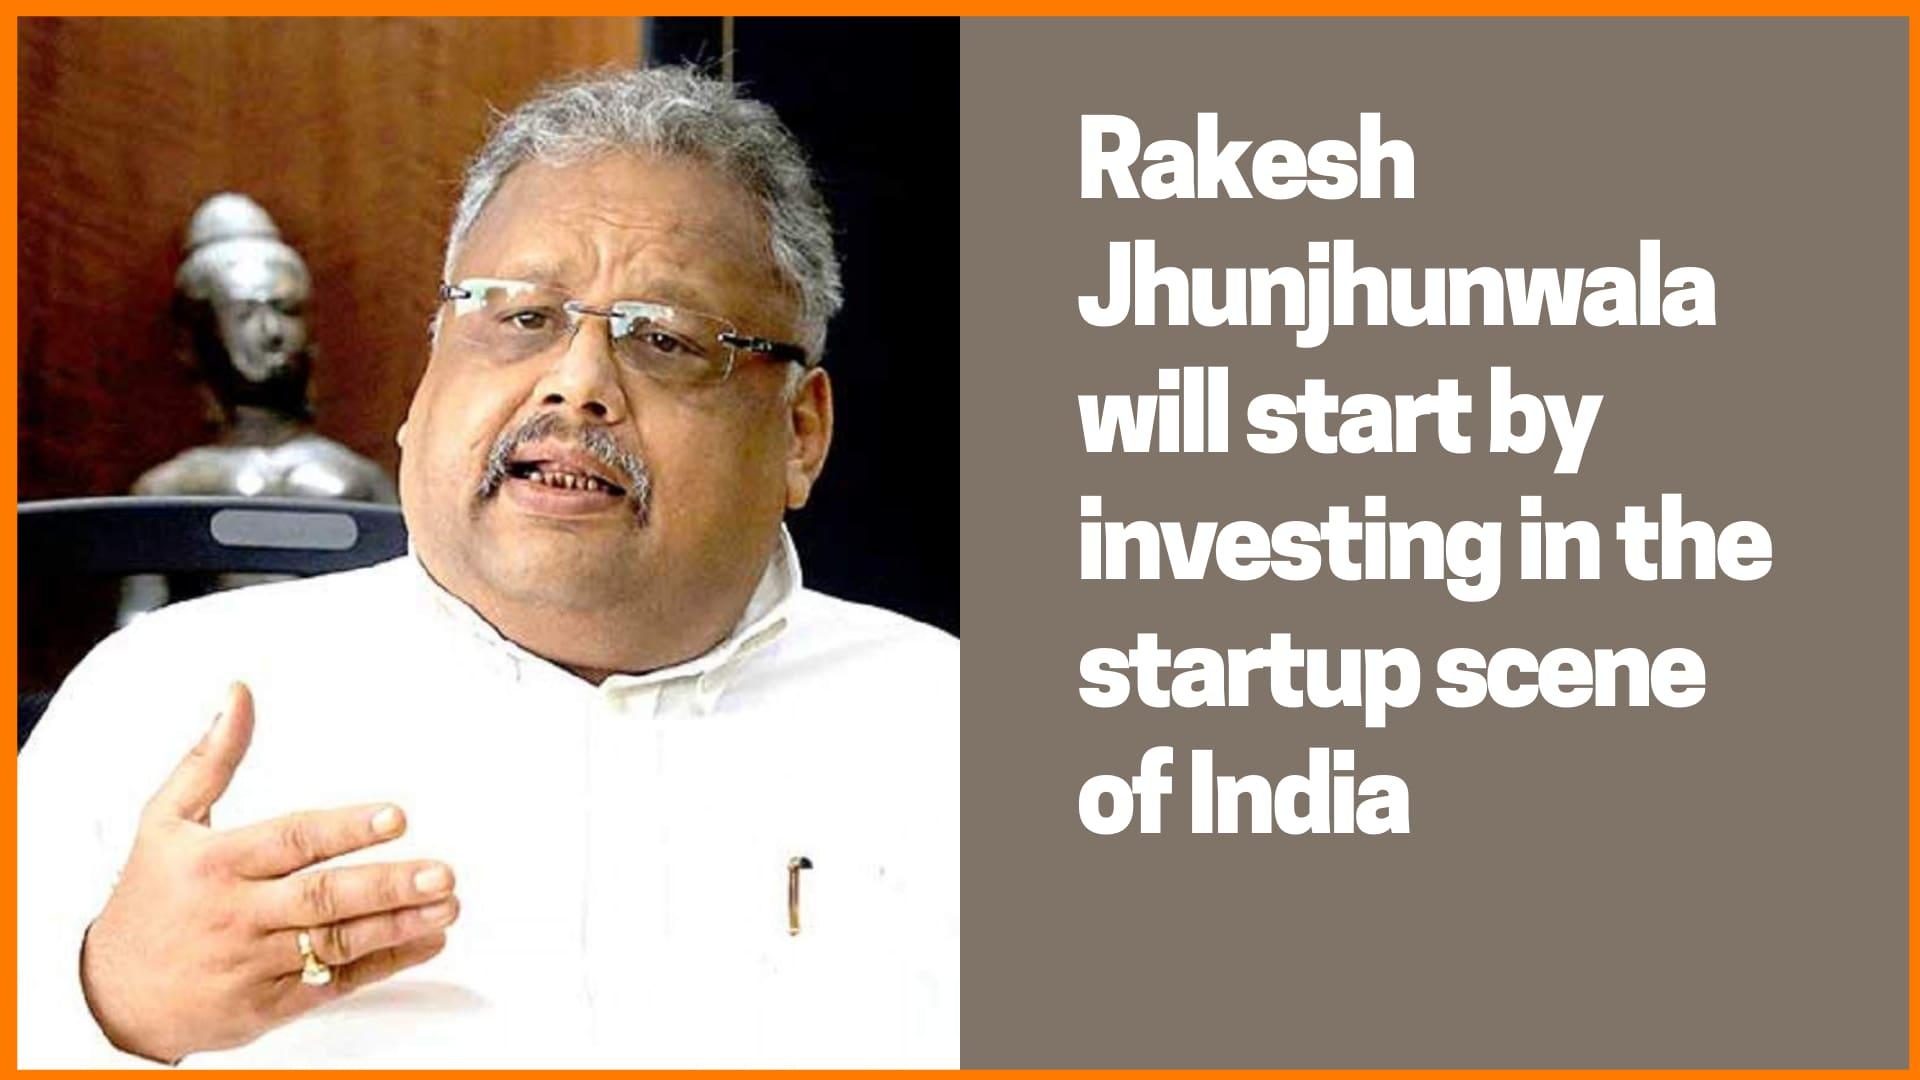 Rakesh Jhunjhunwala startup investment in India